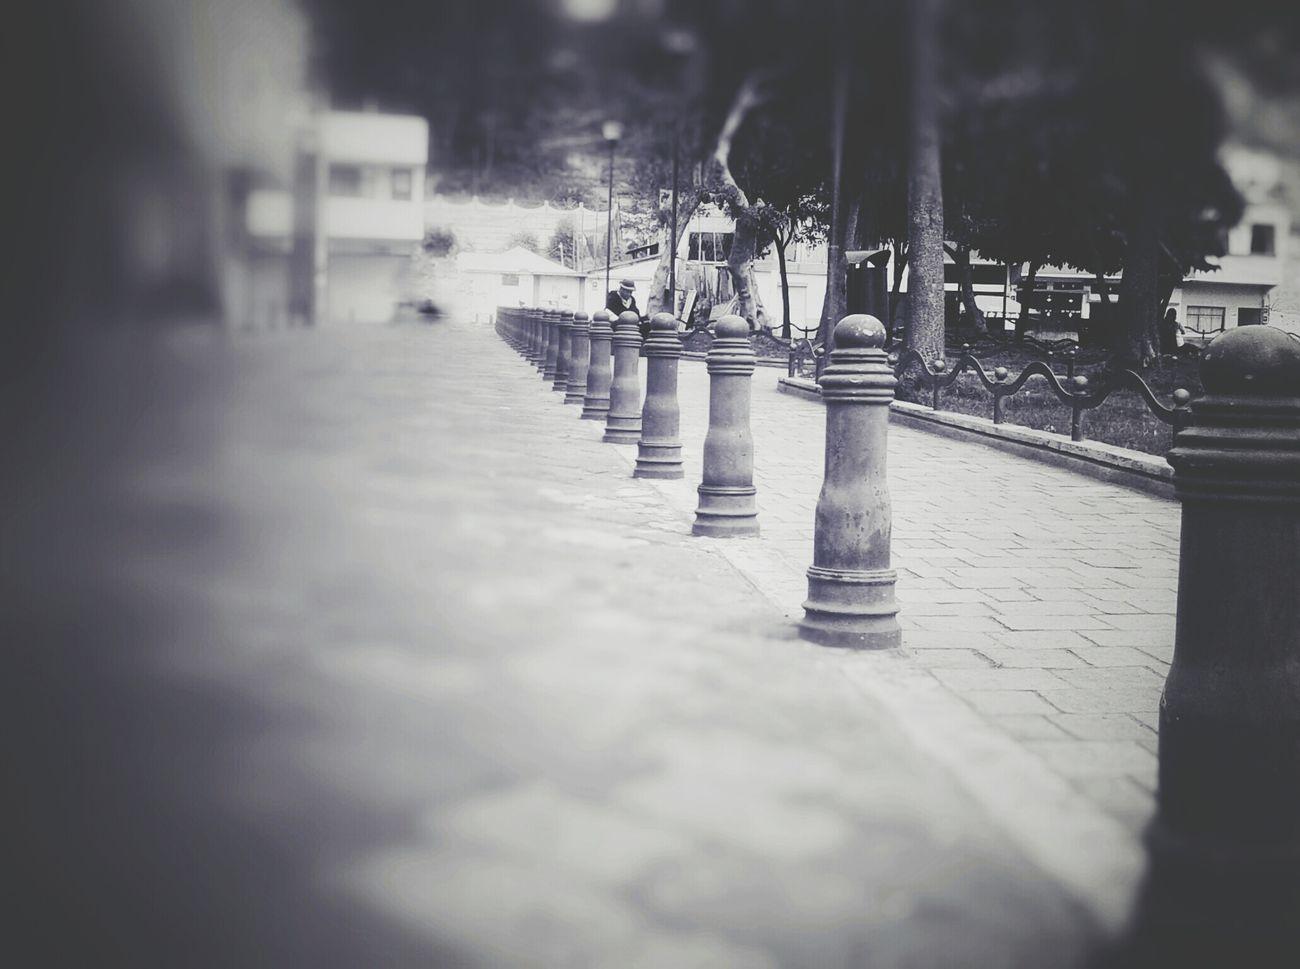 Walking Park Sidewalk Blackandwhite Blackandwhite Photography EyeEm Best Shots Photooftheday Photography Streetphotography Ambato Ecuador Enjoying Life Hello World Copyright© November